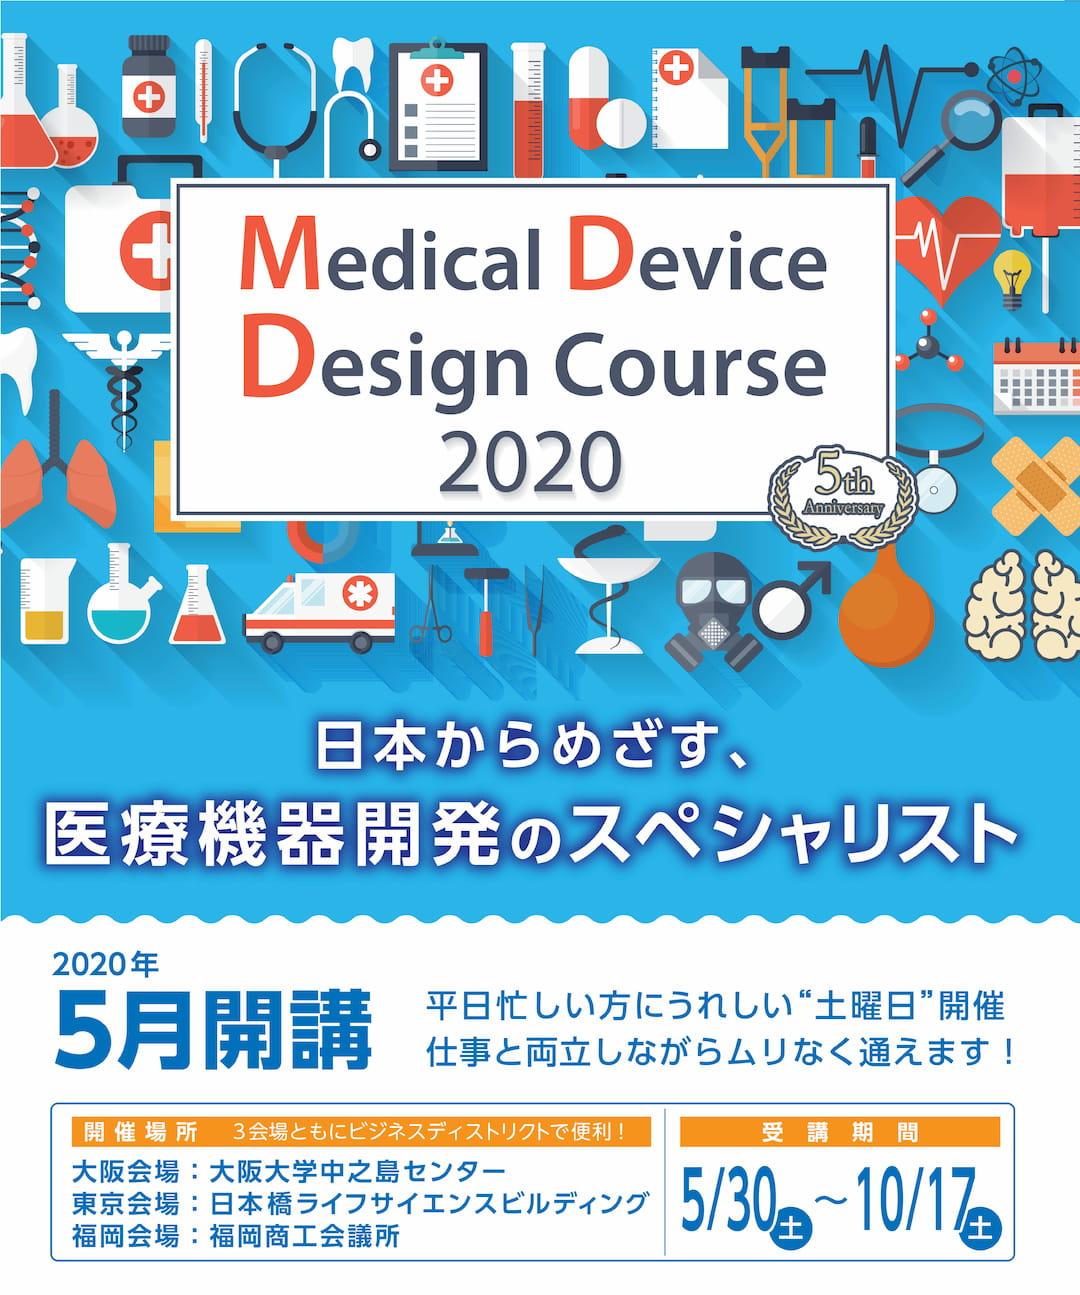 メディカルデバイスデザインコース(医療機器開発講座)画像